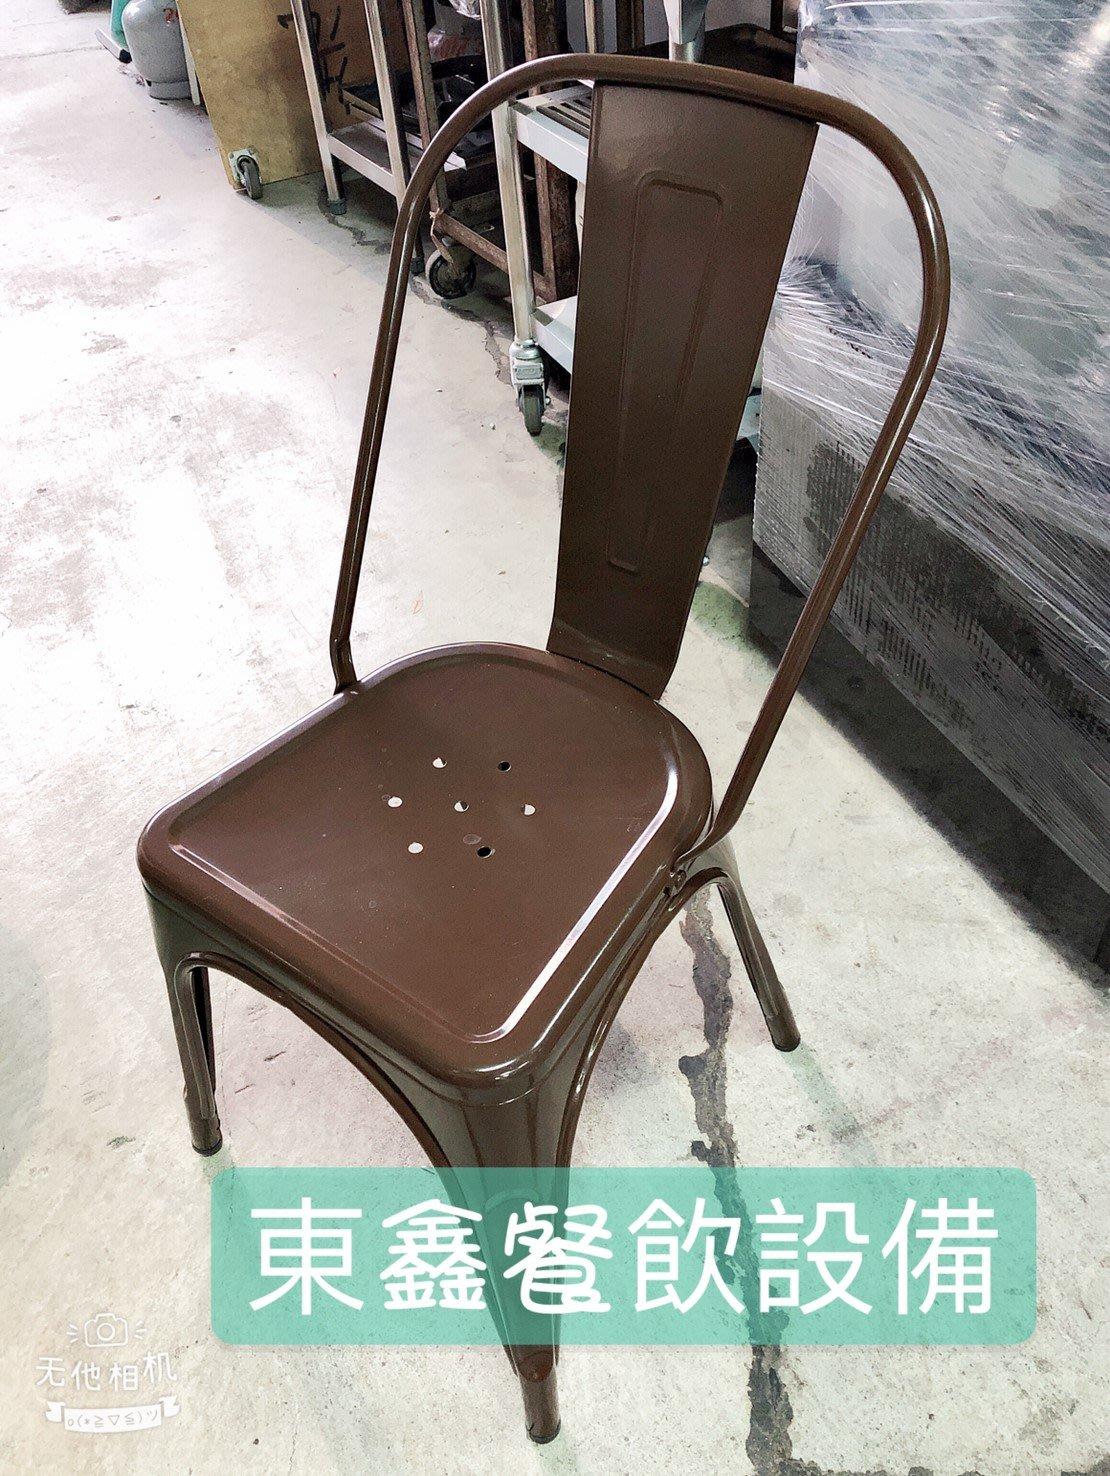 全新  靠背椅 / 餐廳椅 / 休閒椅 / 萬用椅